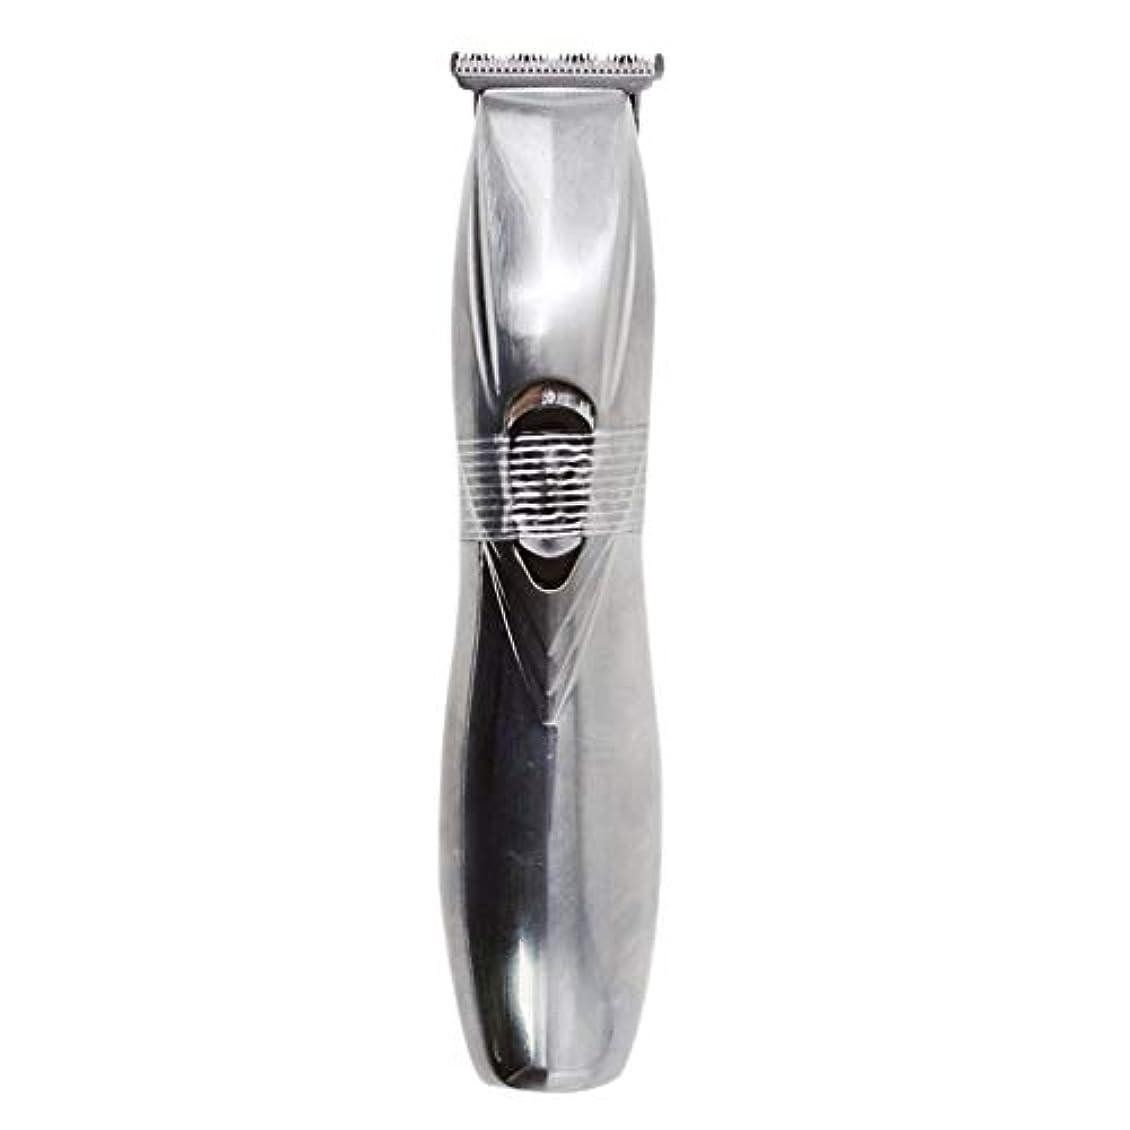 誤解させるミケランジェロ可聴プロフェッショナル電動バリカンは、男性の髪トリマー用に新しくデザイン切断機は、マシン110-240V切削します